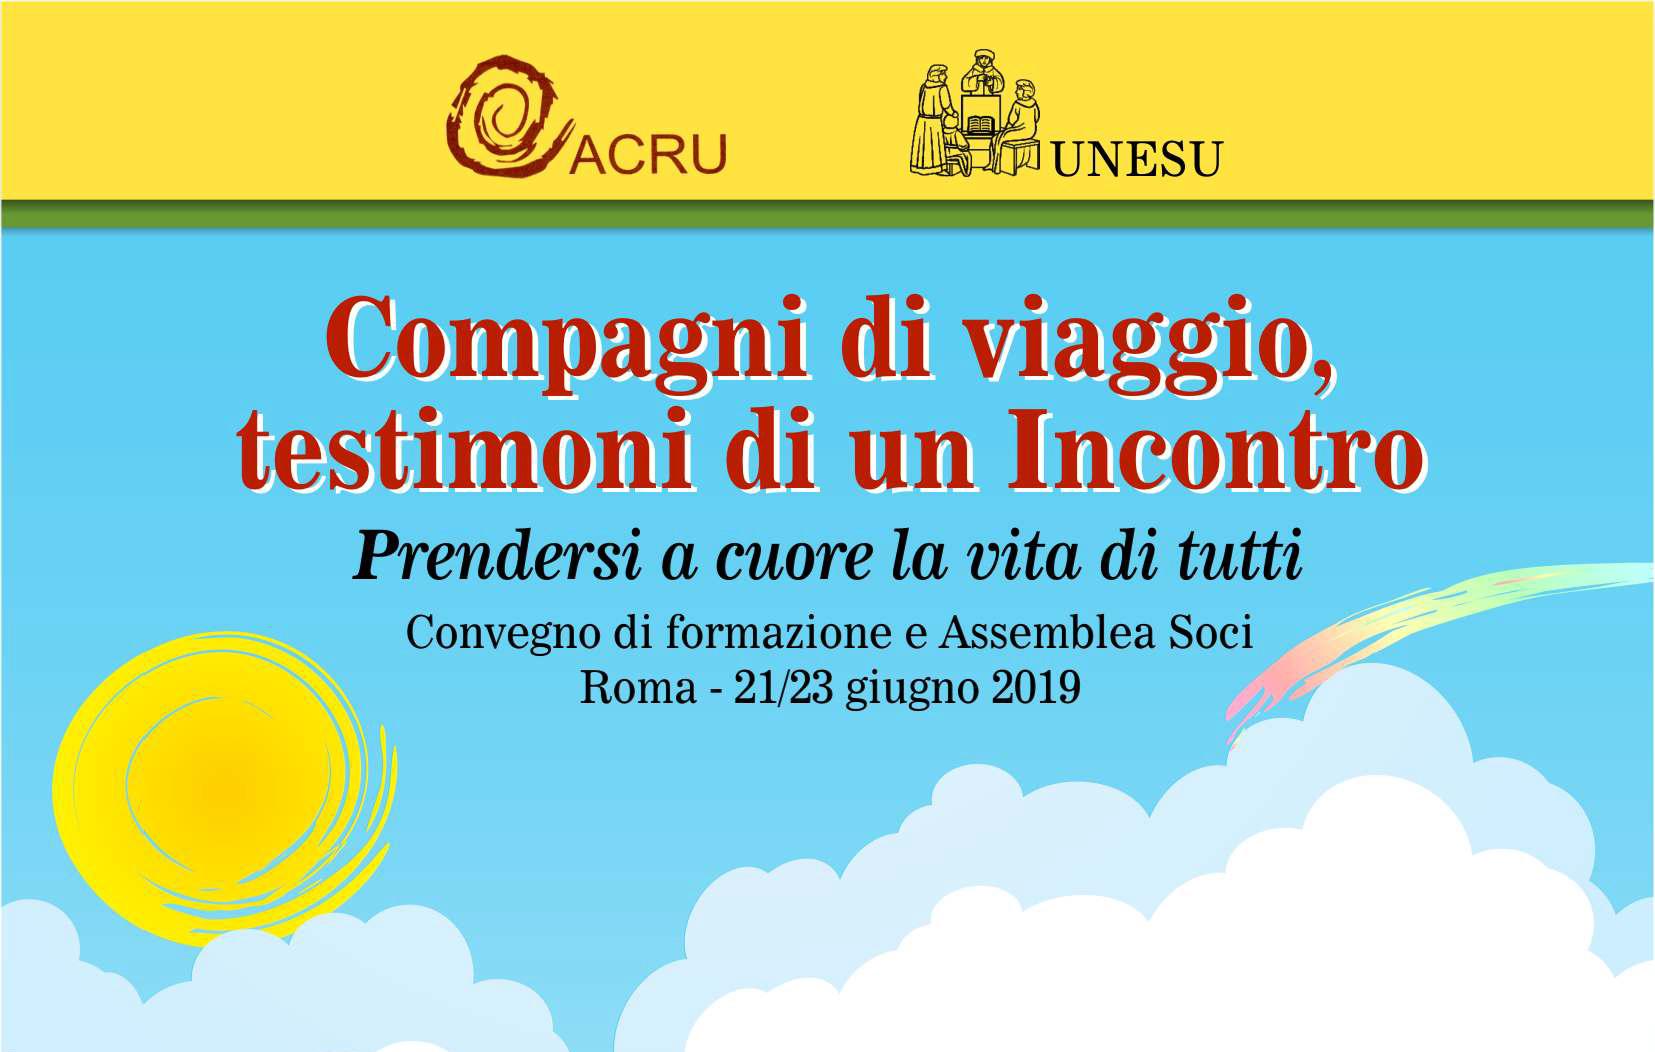 Convegno per direttori residenze universitarie